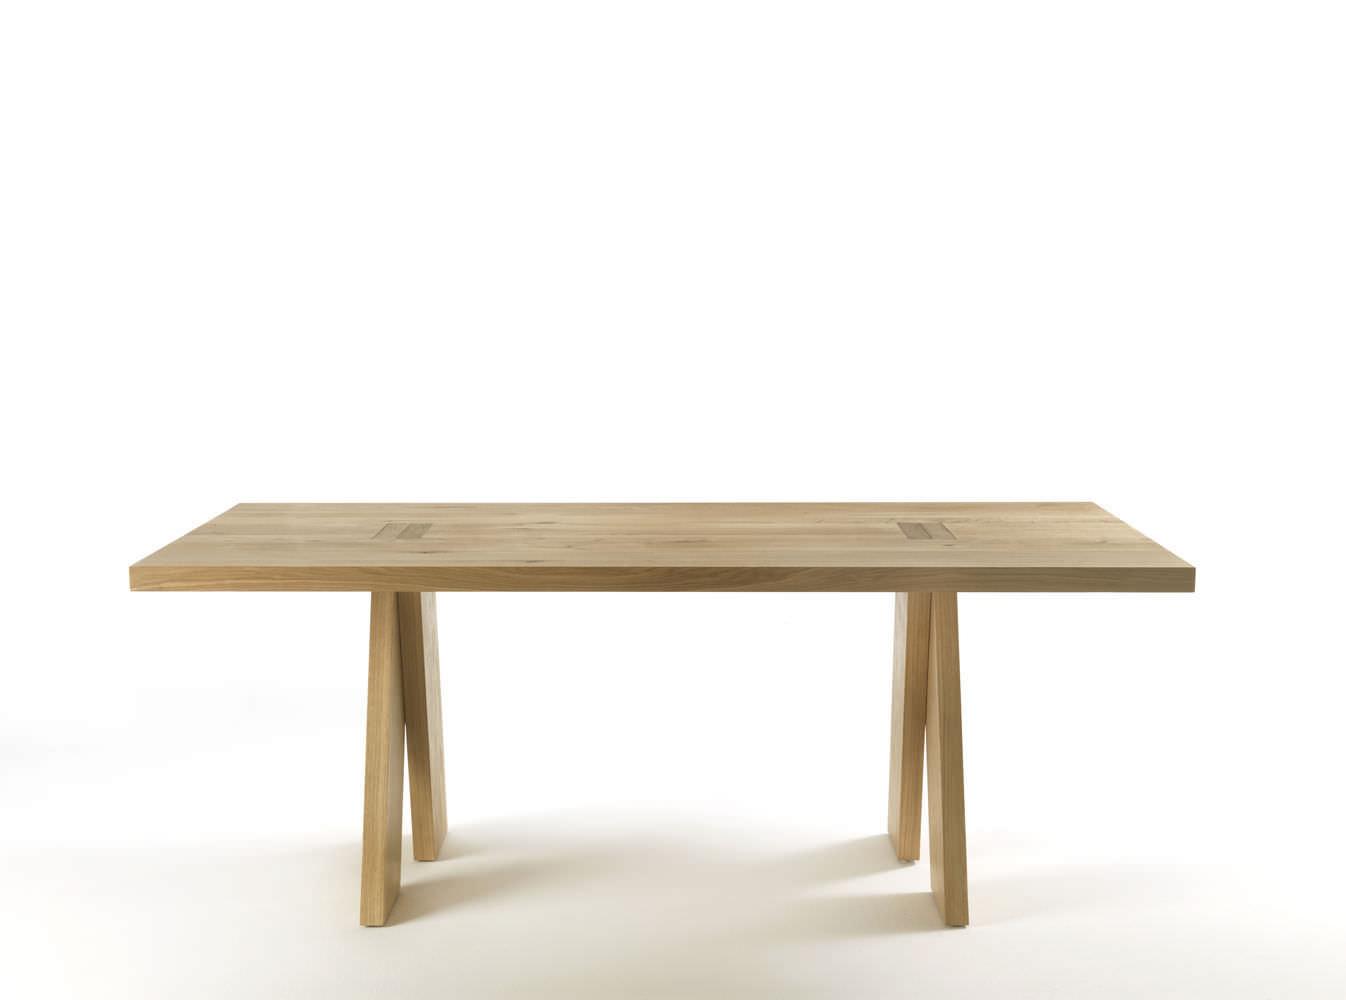 Moderner Tisch / Aus Eiche / Massivholz / Rechteckig   JEDI By Bartoli  Design